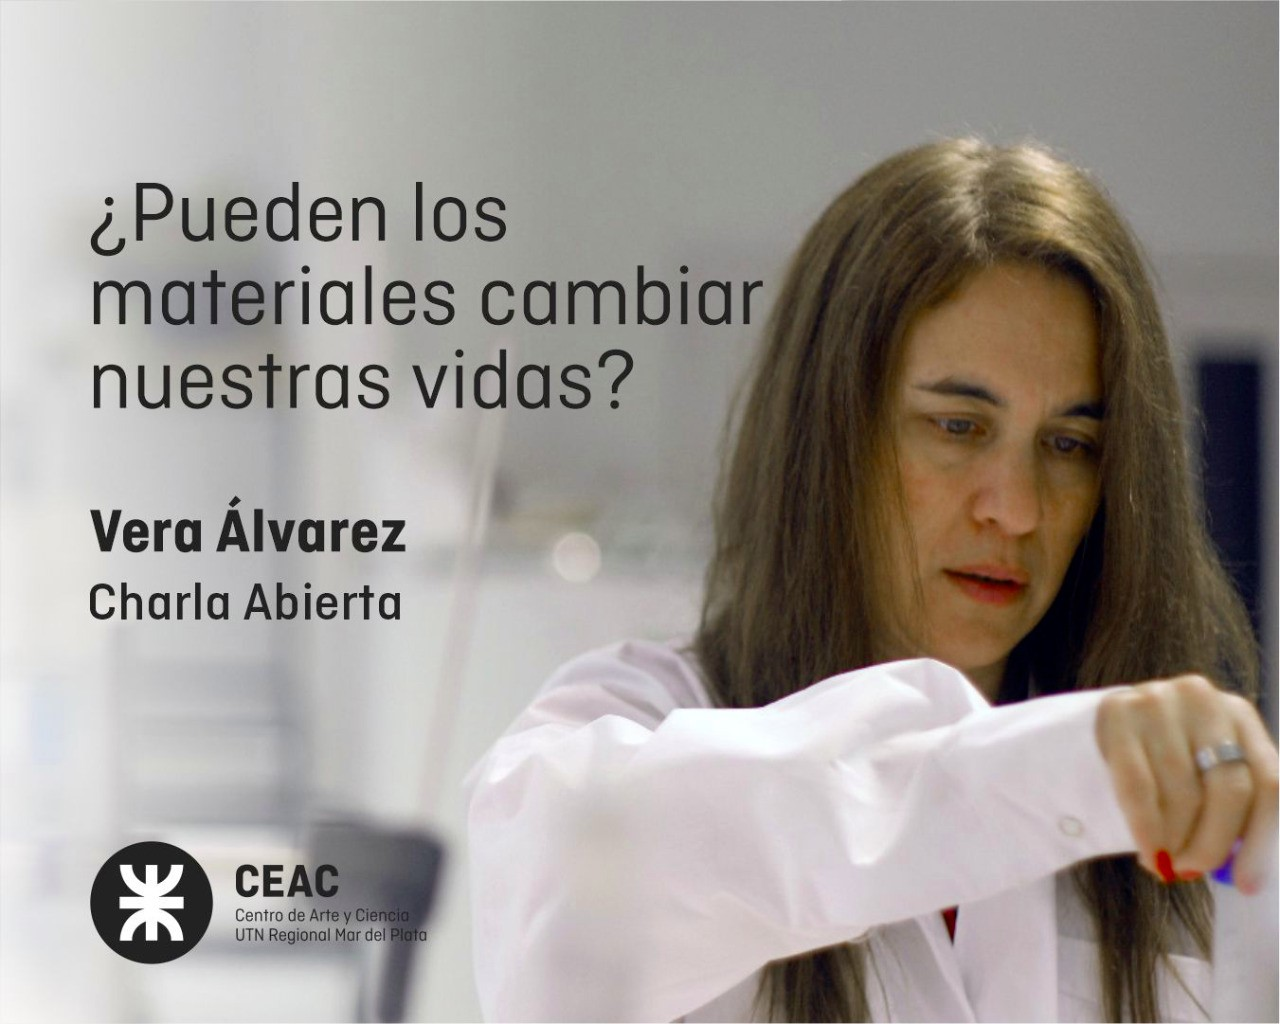 Charla abierta de Vera Álvarez en UTN Mar del Plata ¿Pueden los materiales cambiar nuestras vidas?